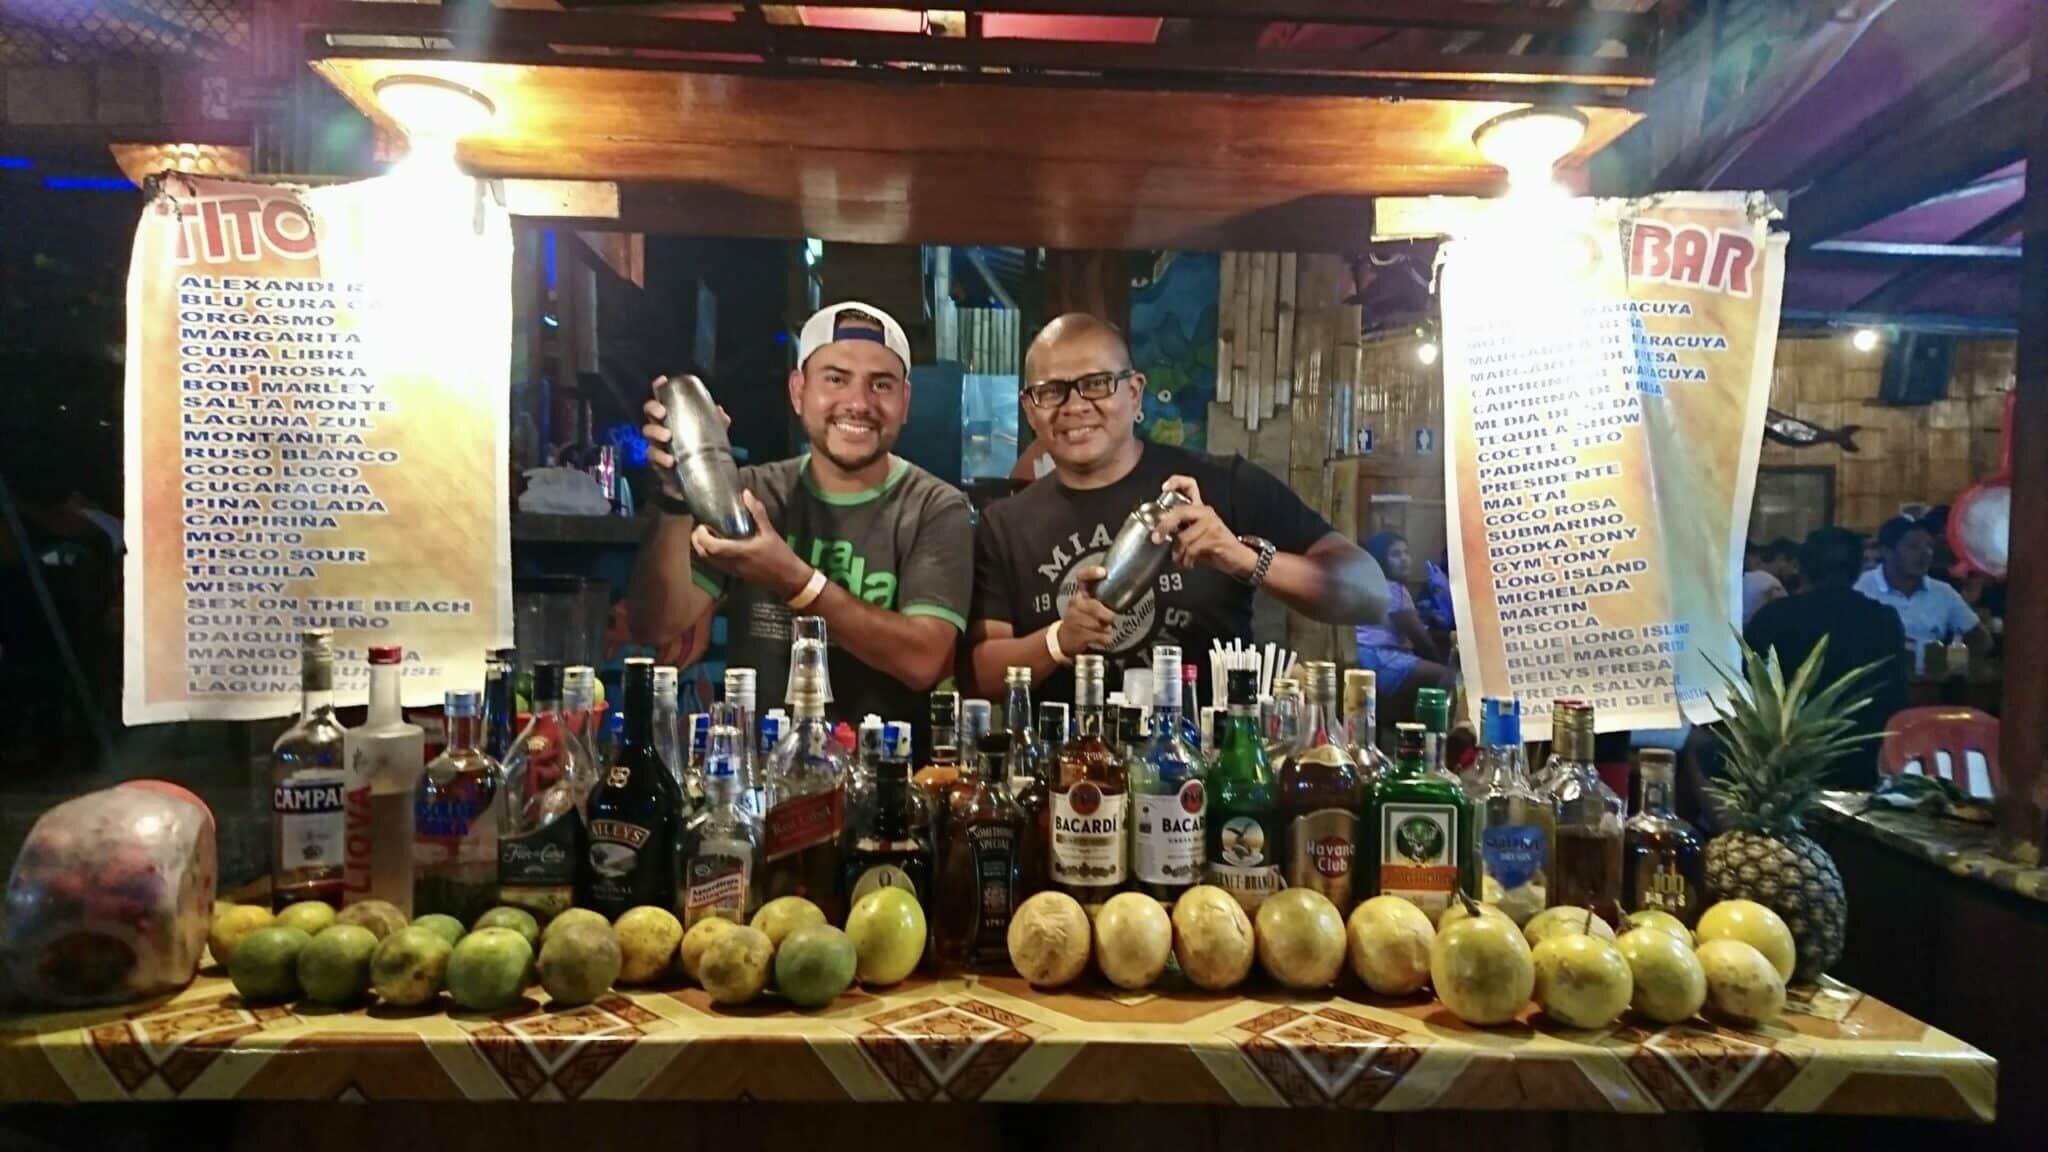 Montañita a Paradise Hidden in Ecuador